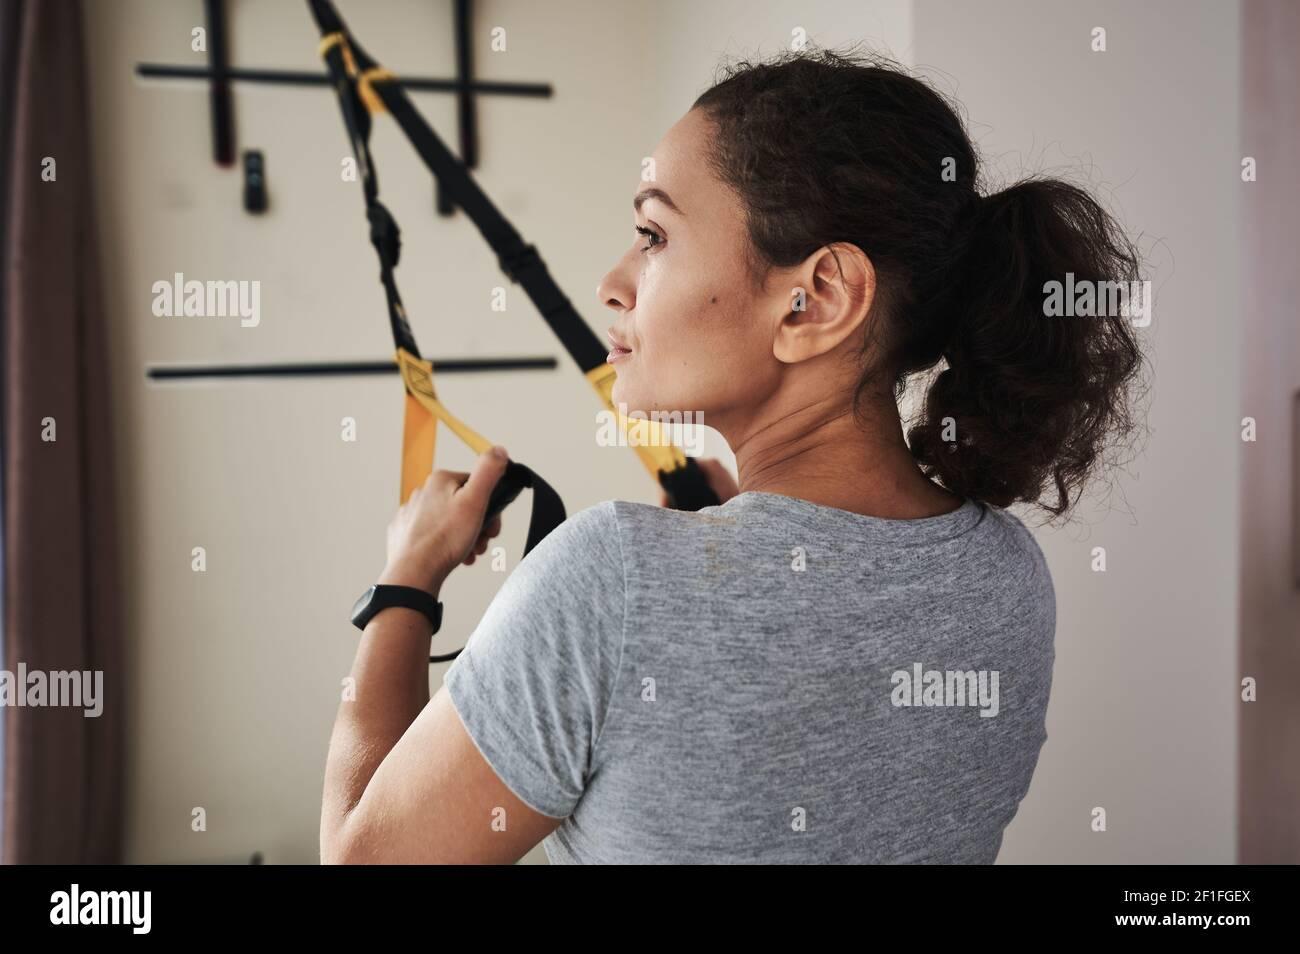 Gros plan sur le côté d'une jeune femme effectuant un entraînement fonctionnel avec des sangles de fitness. Style de vie sain, entraînement à l'intérieur, entraînement fonctionnel. Banque D'Images